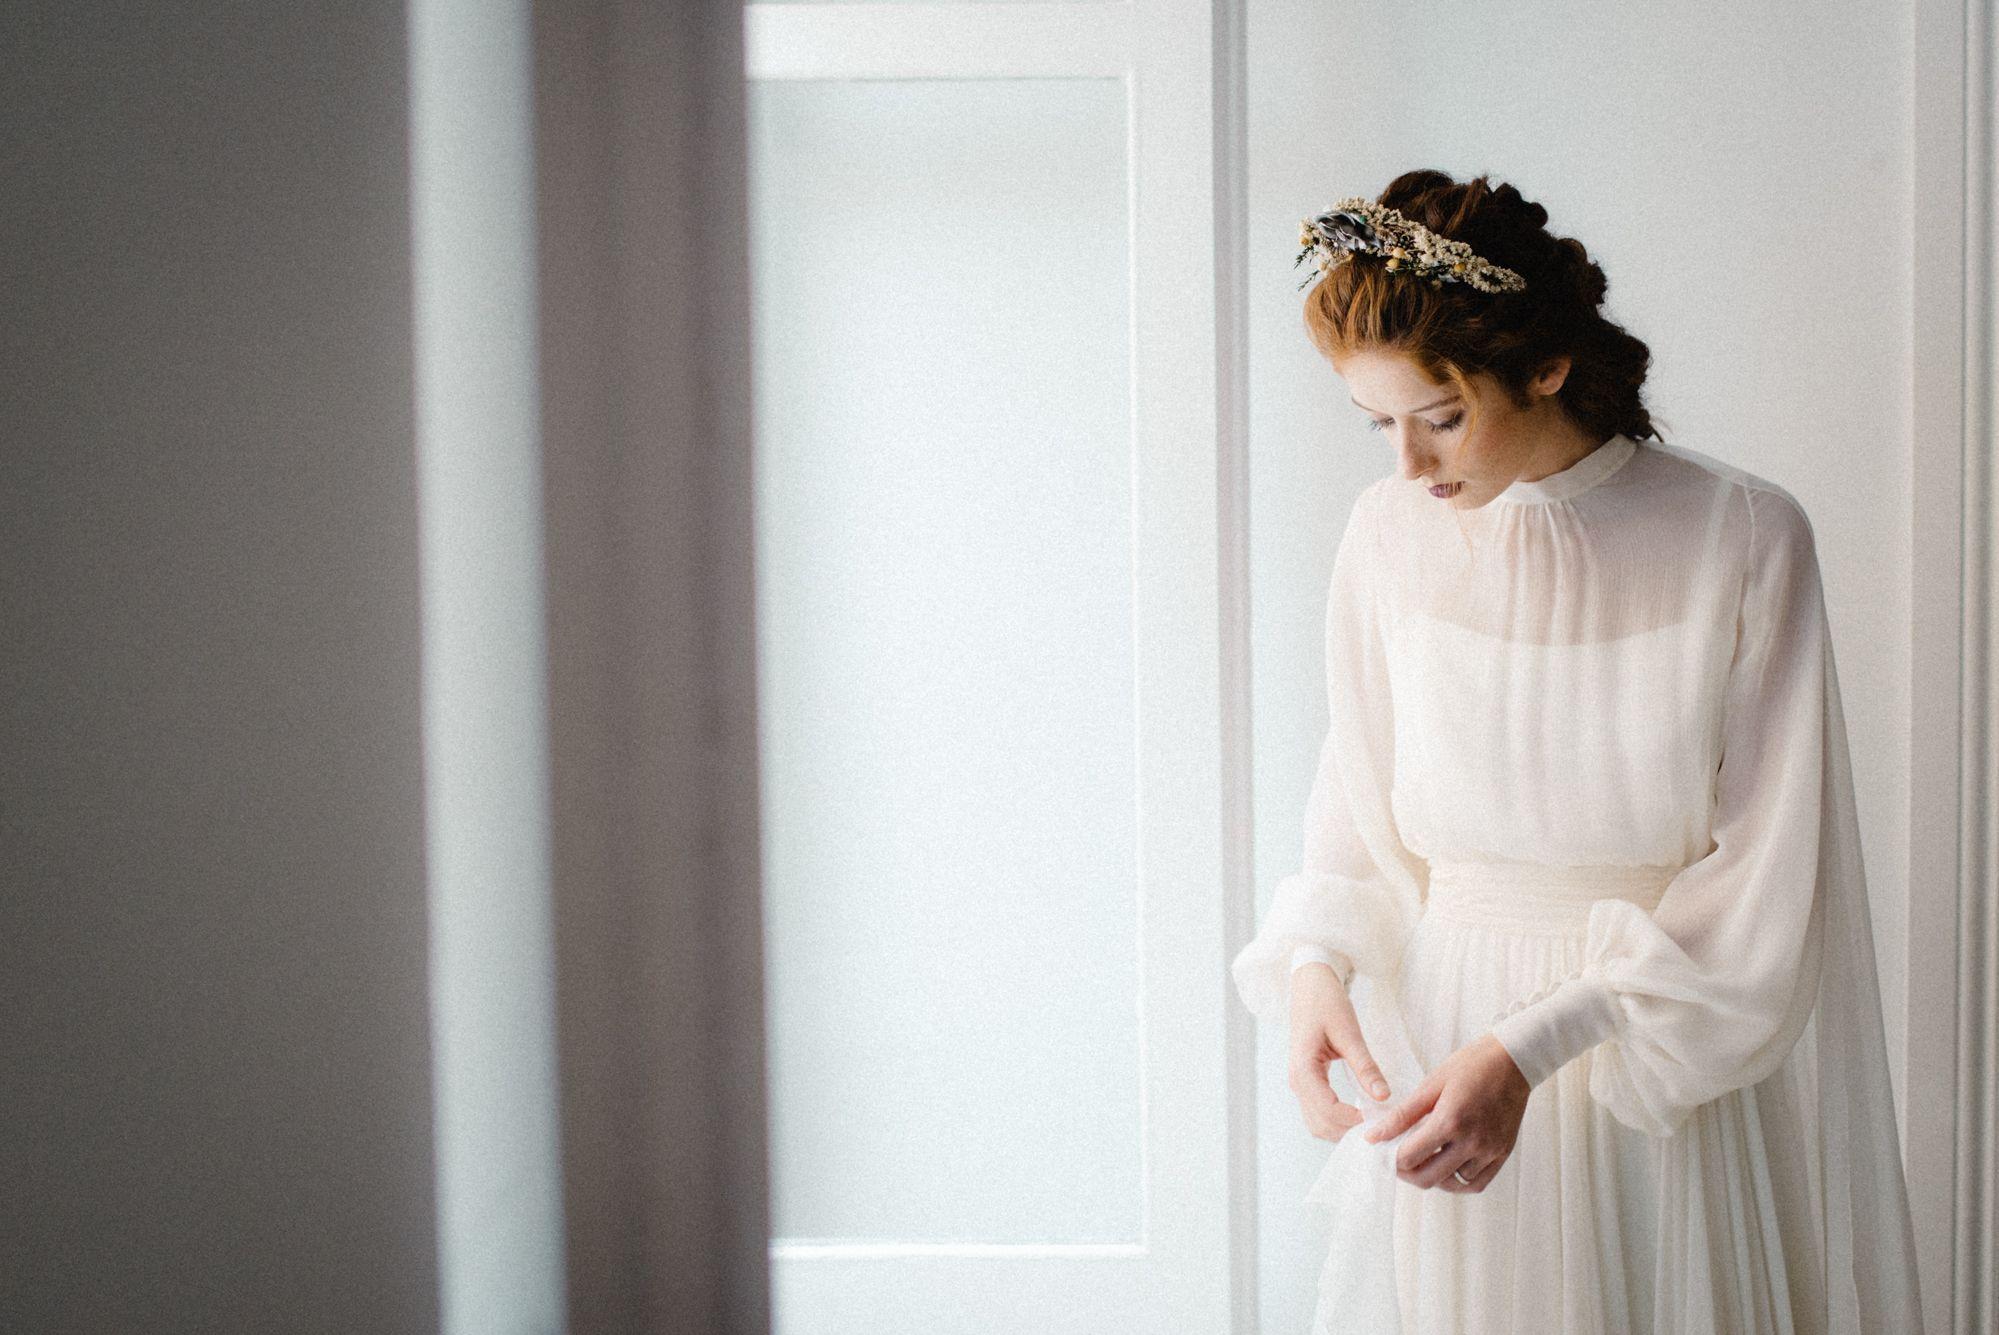 Pálido - Ópalo Weddings With Love y Doncel y Alcoba